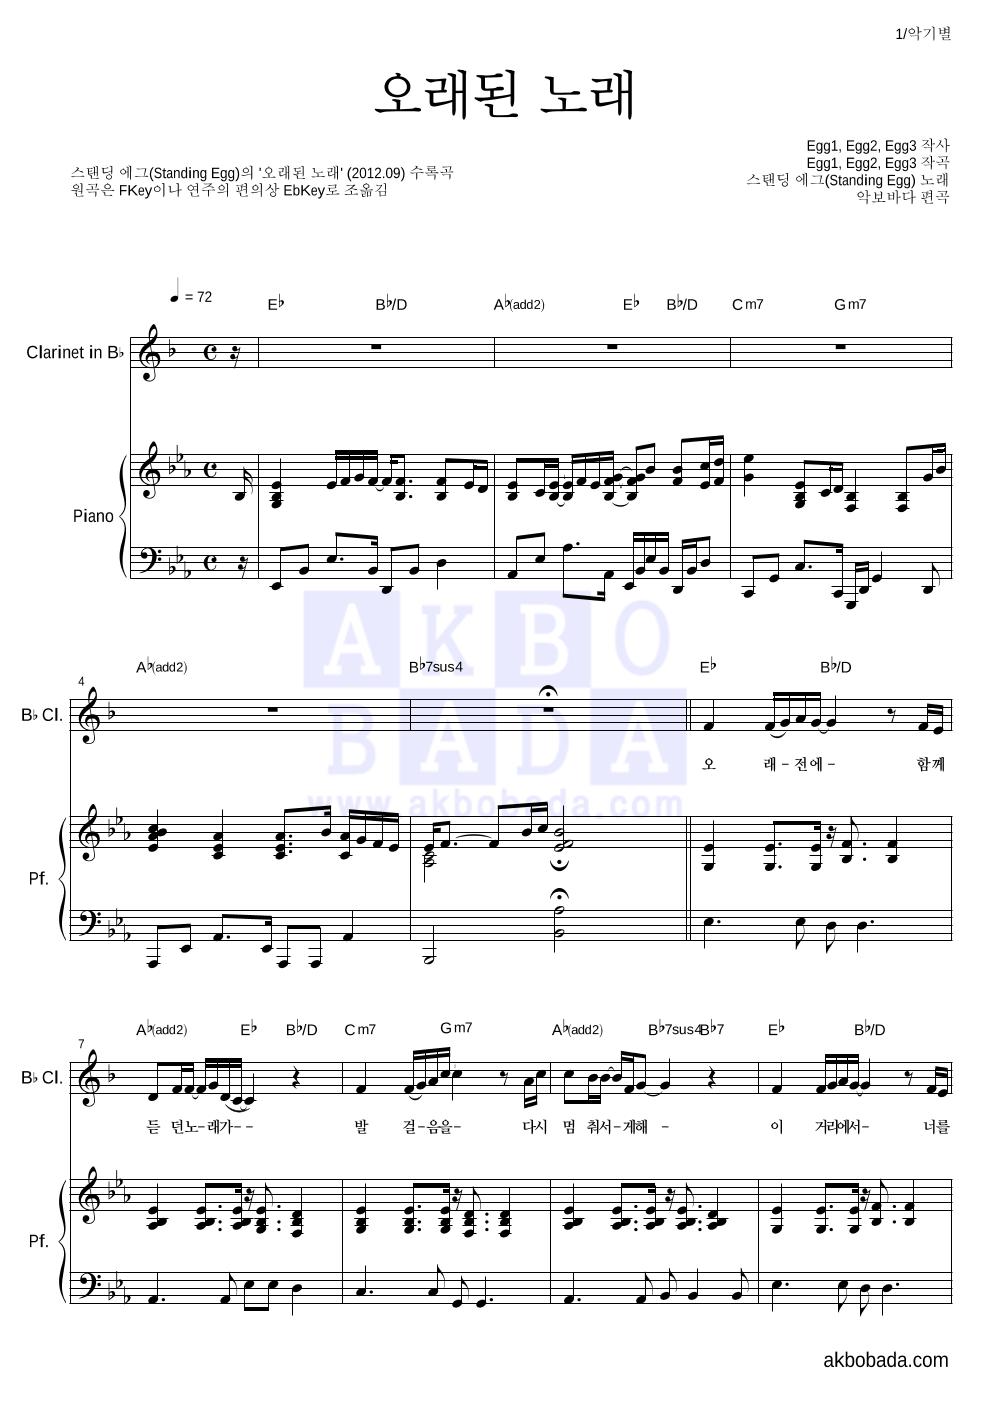 스탠딩 에그 - 오래된 노래 클라리넷&피아노 악보